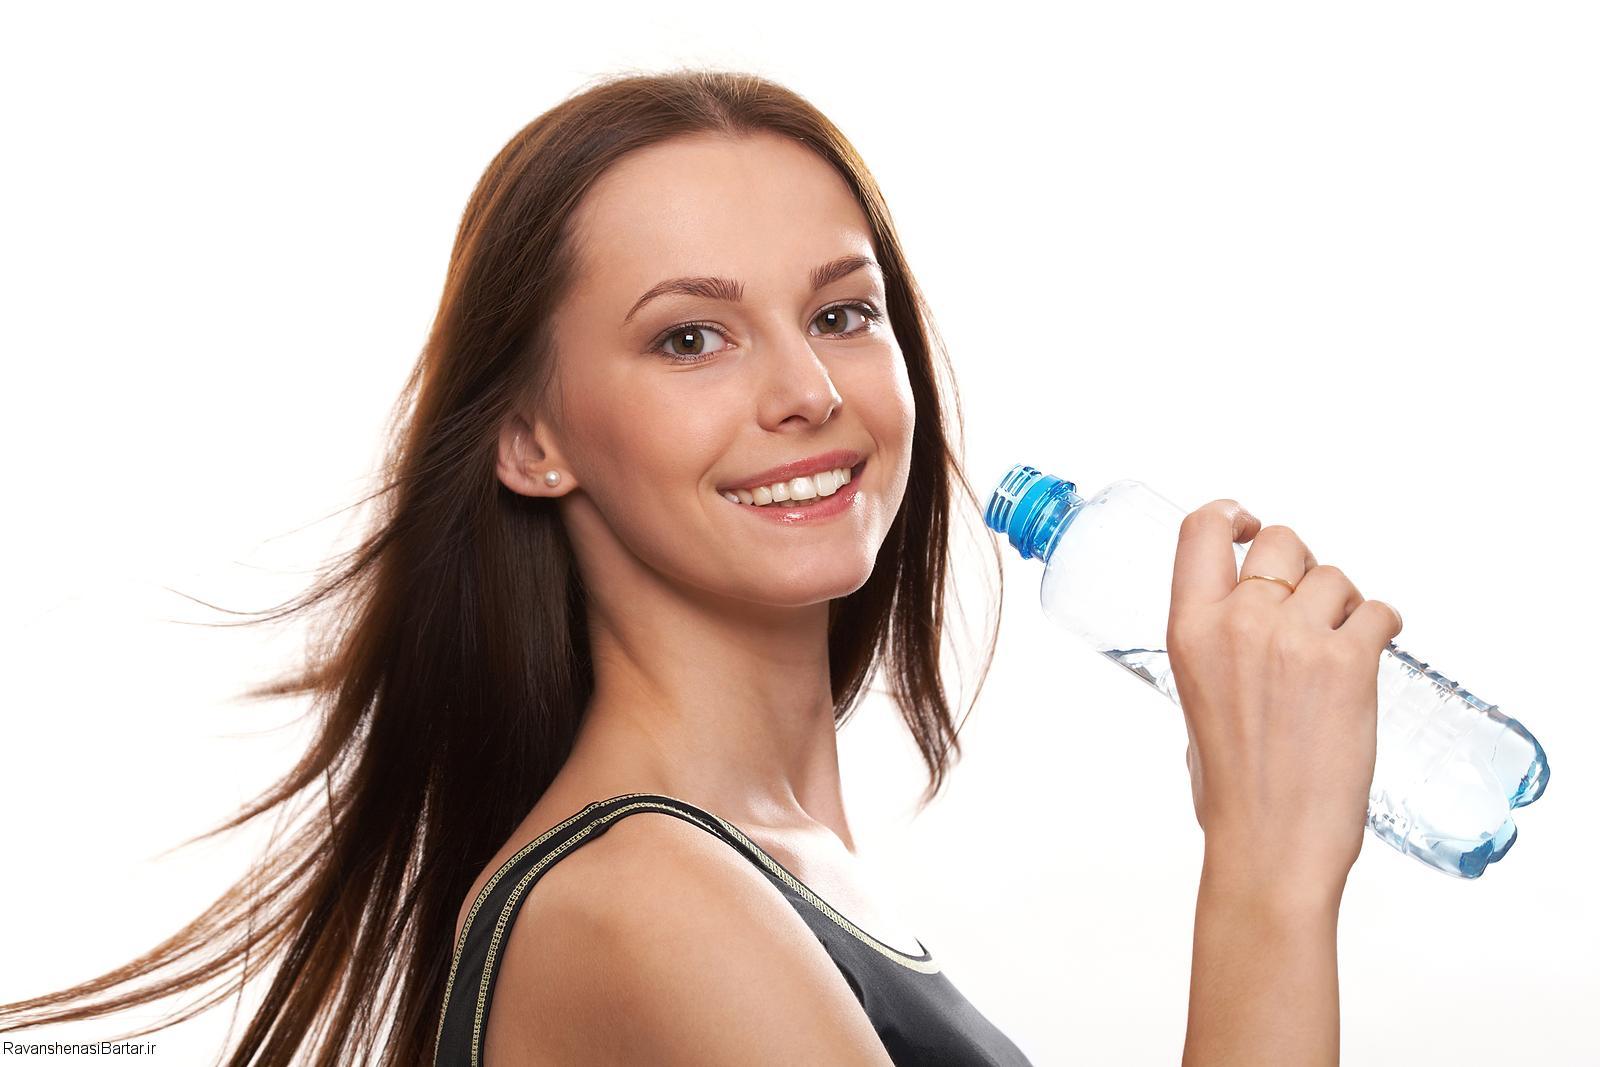 توصیه مهم برای جبران آب بدن